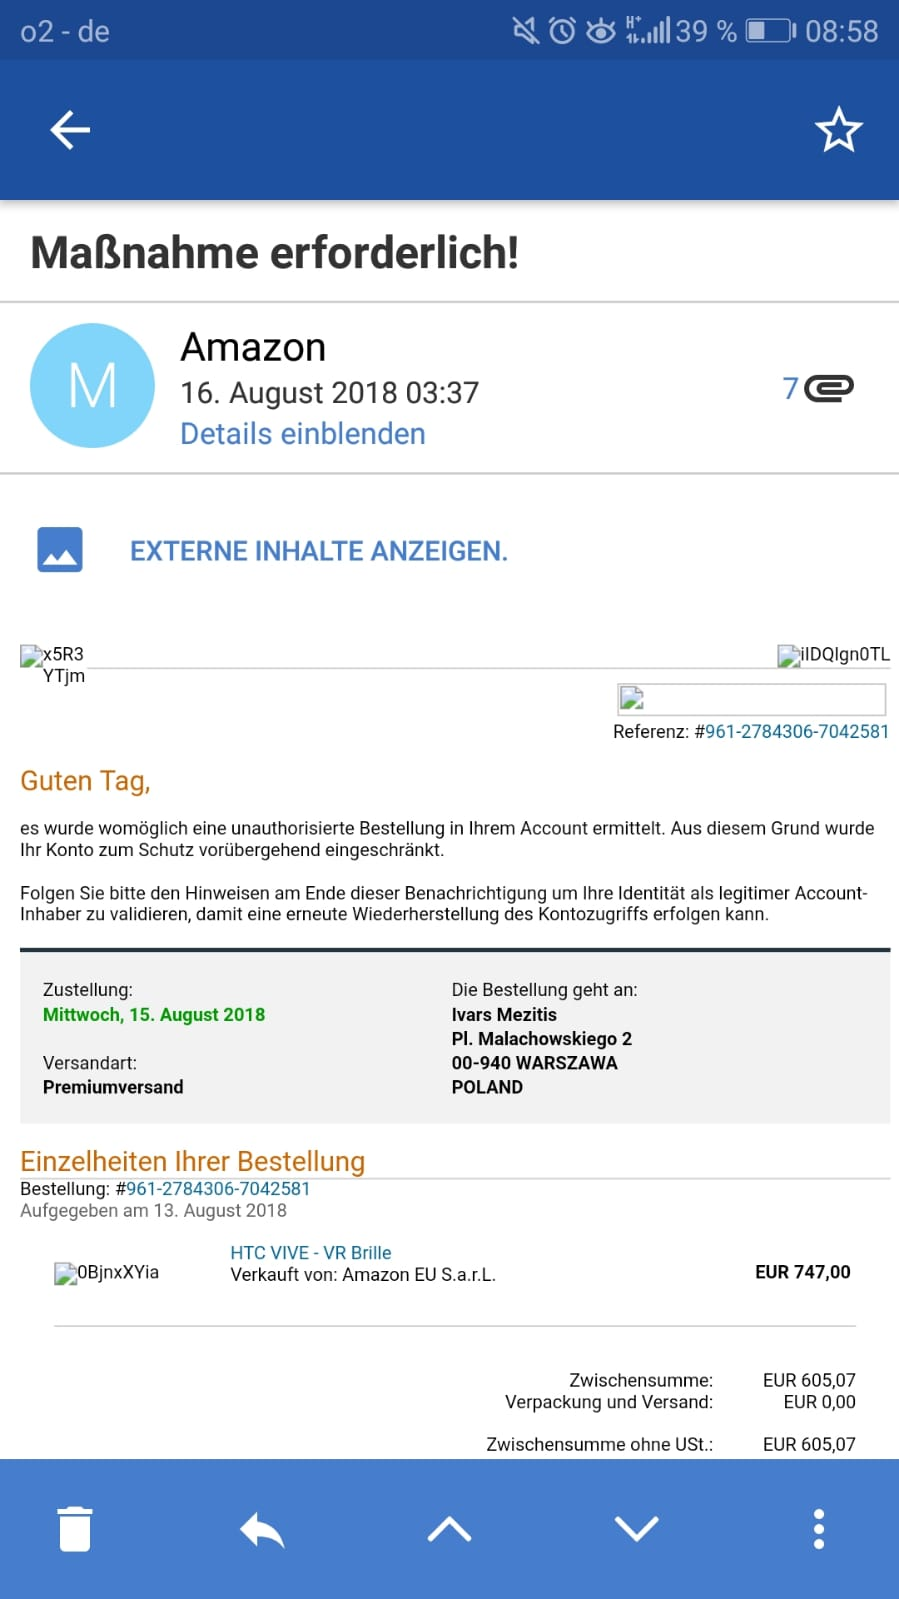 Angebliche Amazon-Bestellung ist Fake (Screenshot)